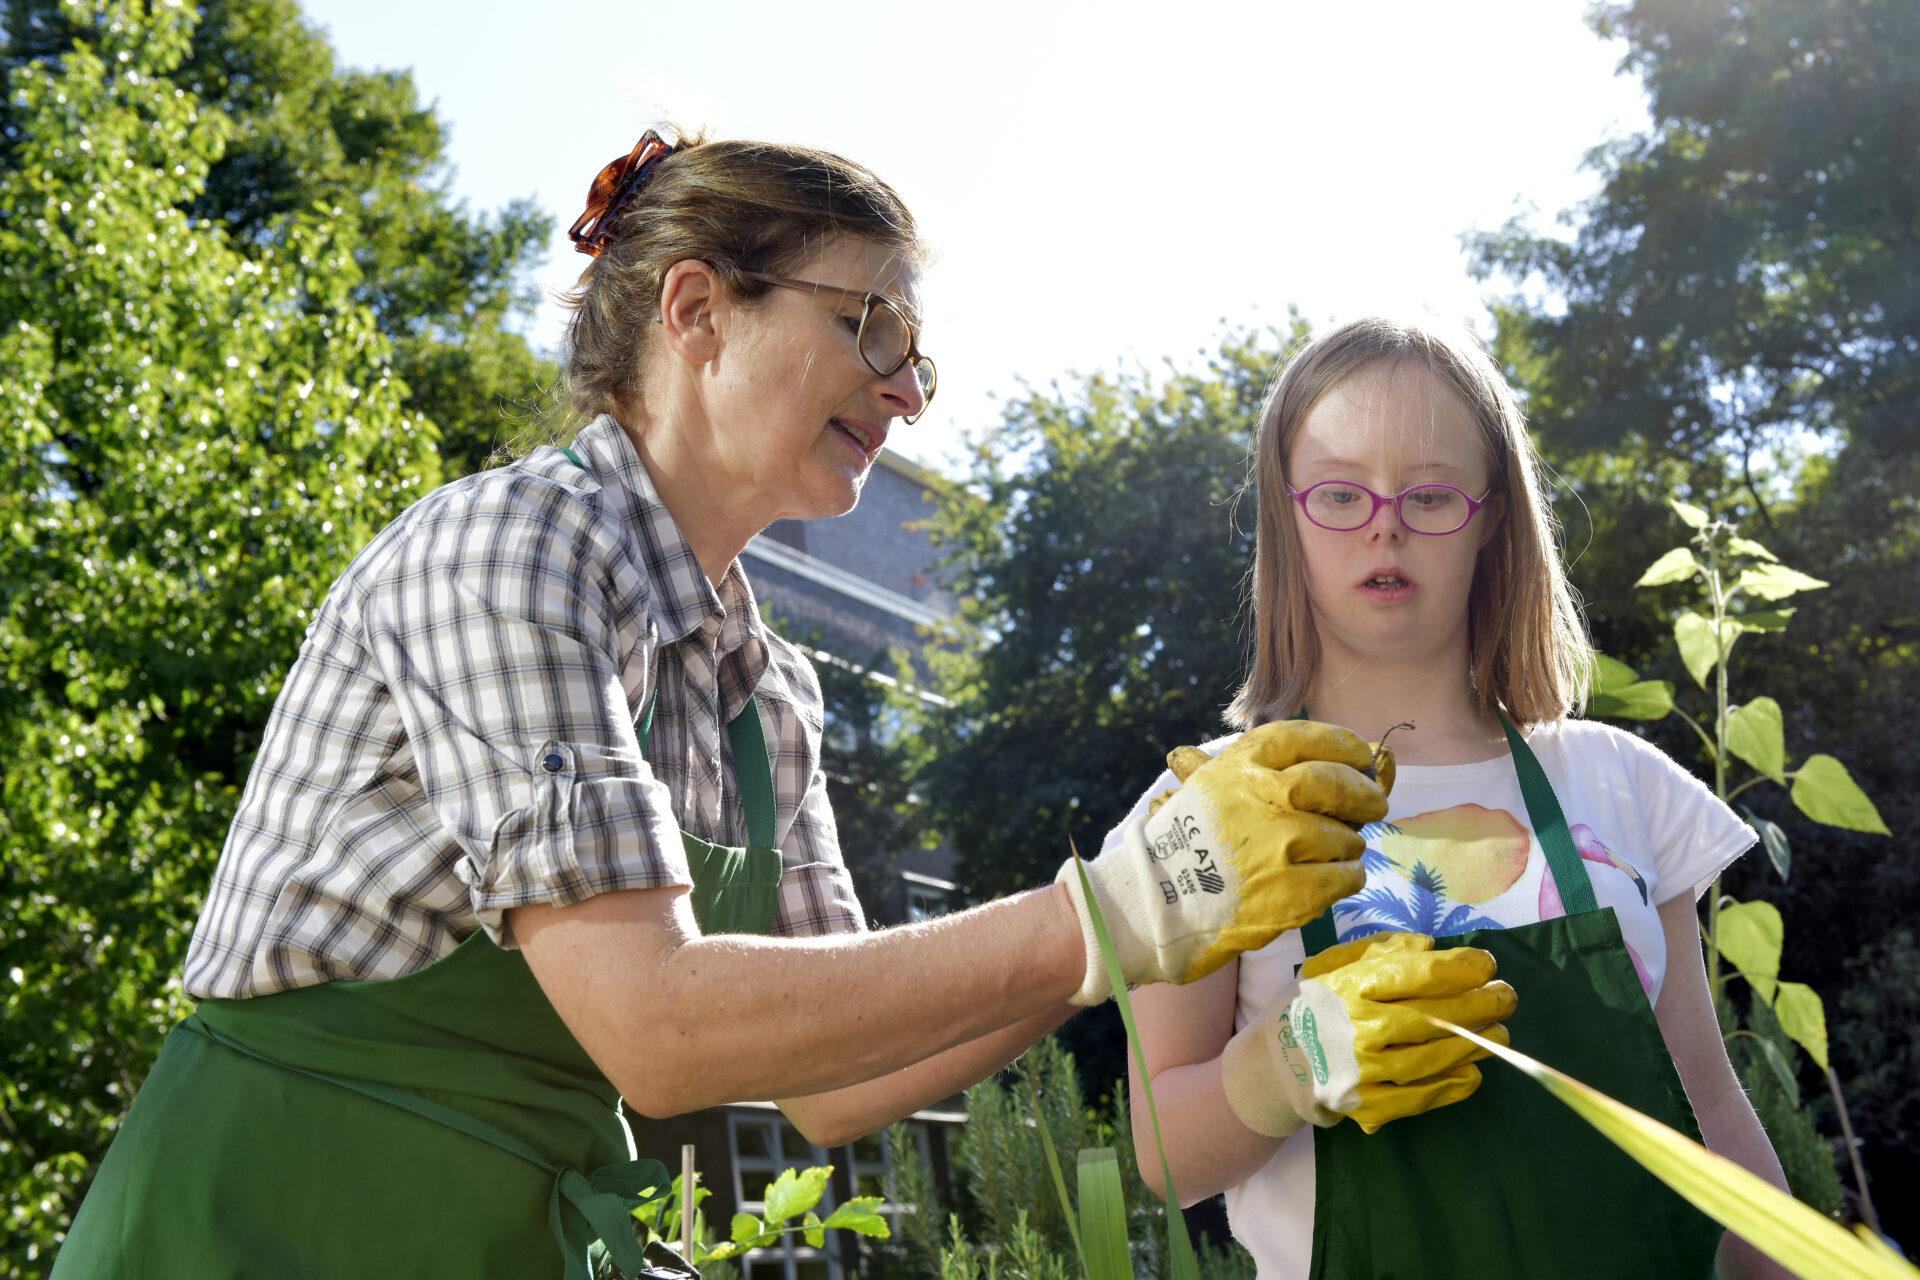 das Foto zeigt eine junge Frau mit Behinderung und eine Ausbilderin in einem Gemüsebeet beim Anschauen einer Knolle